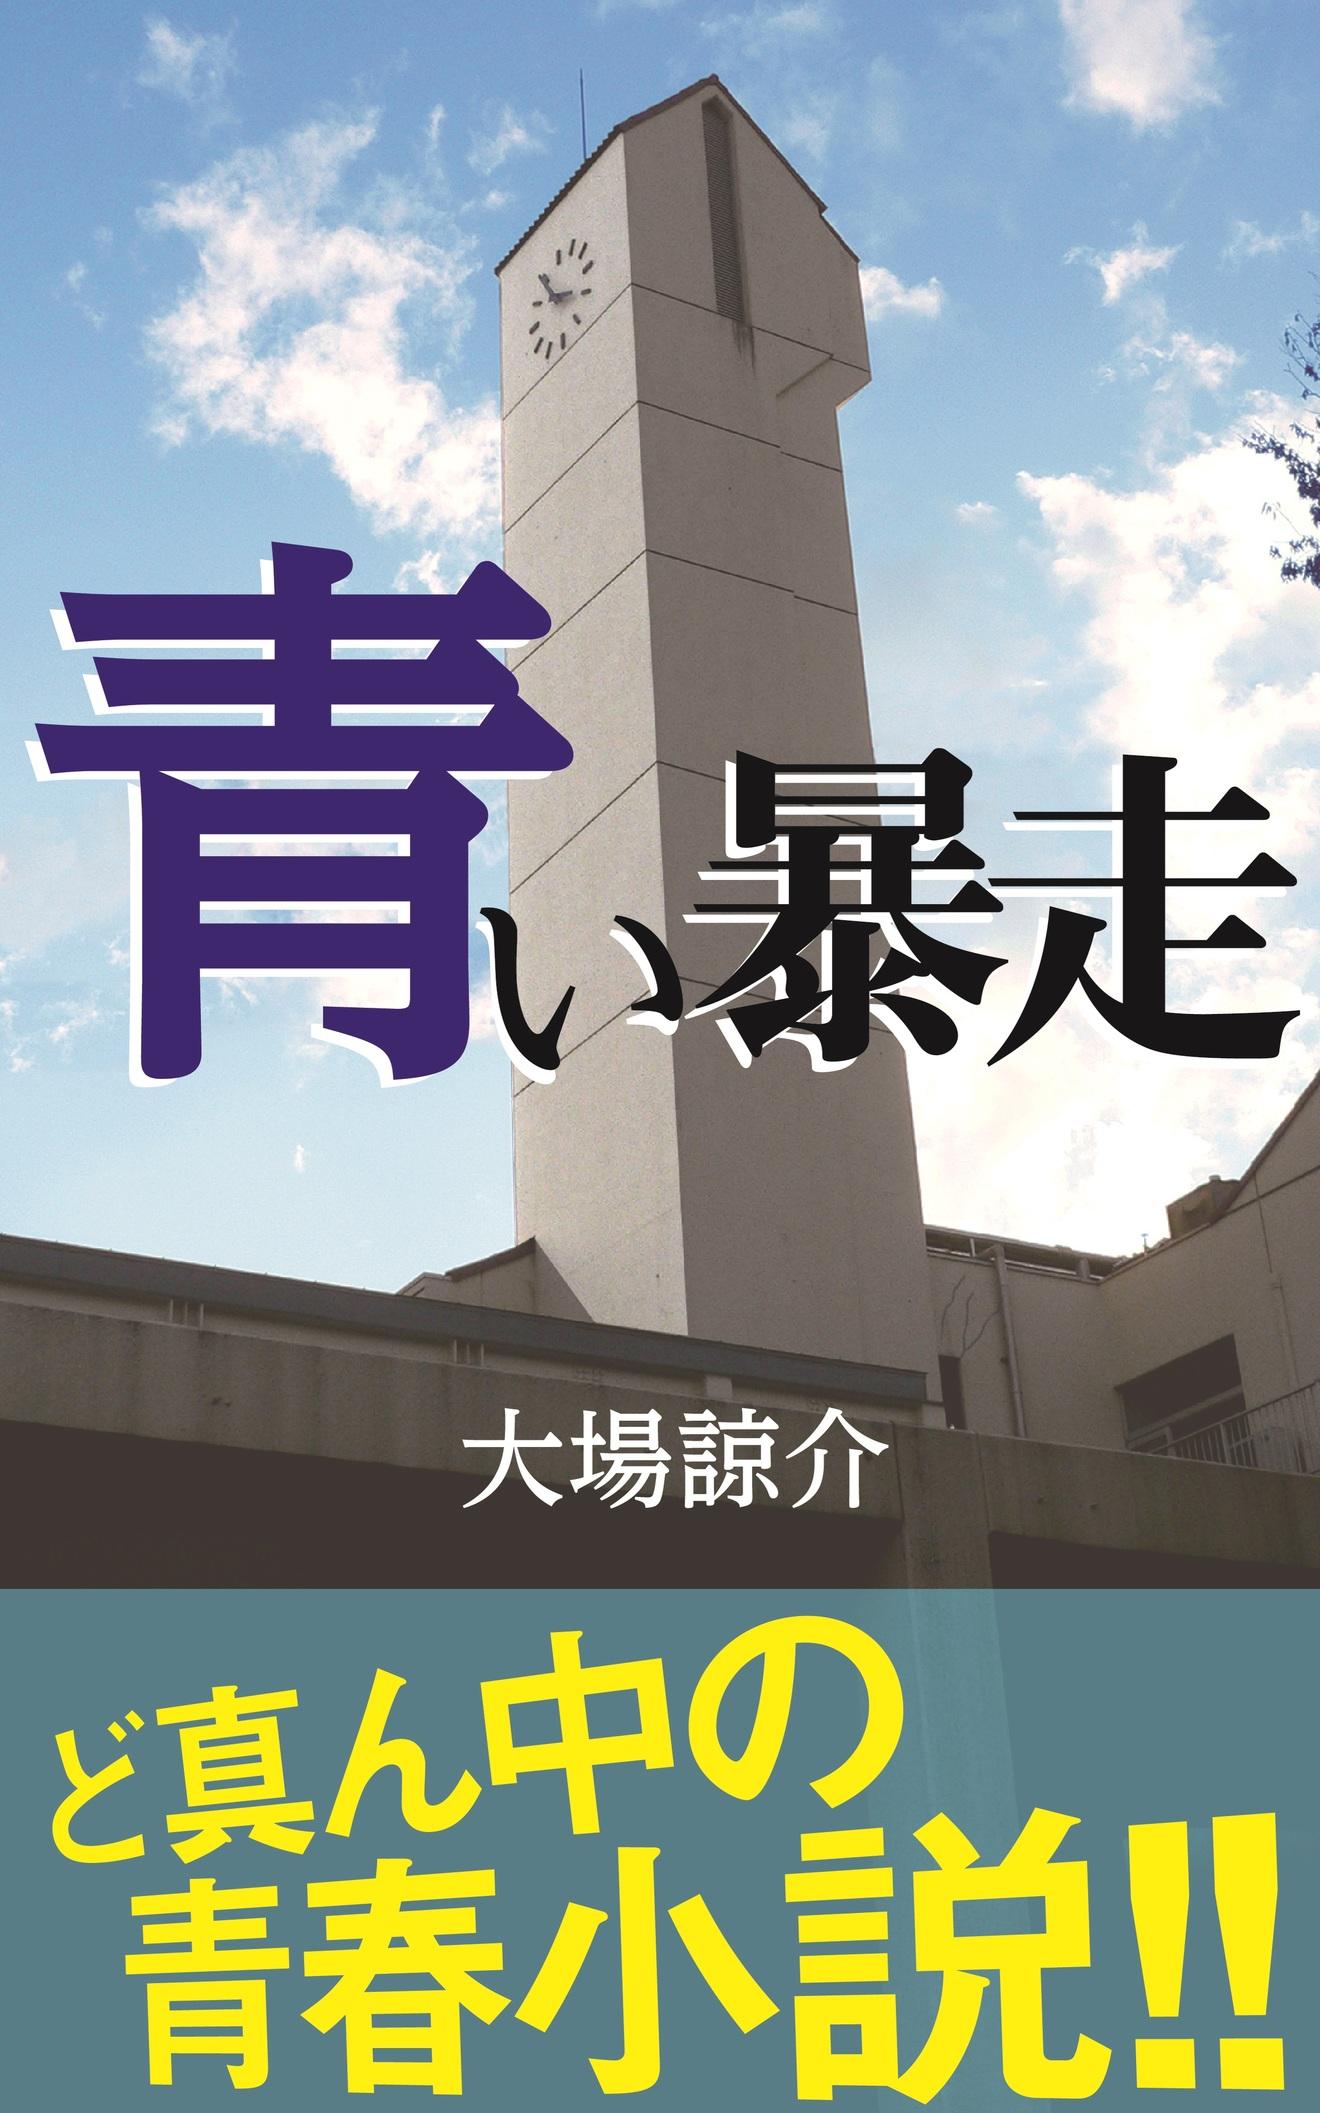 【連載小説】「青い暴走」シリーズ「優しい音」第6話【毎週土曜更新】